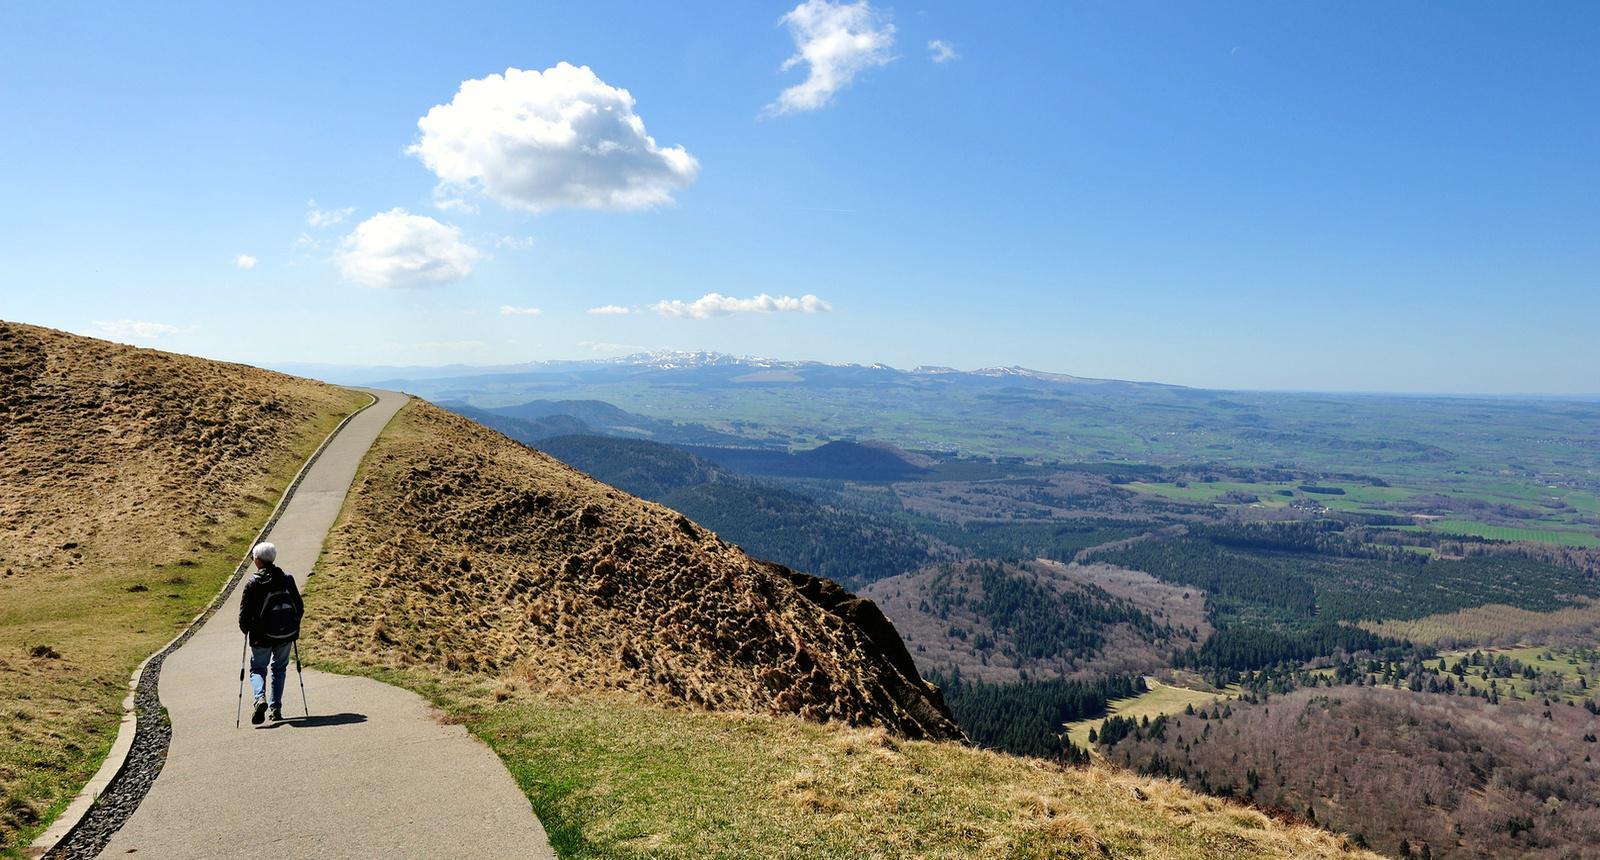 Marche en solitaire, sommet du Puy-de- Dôme